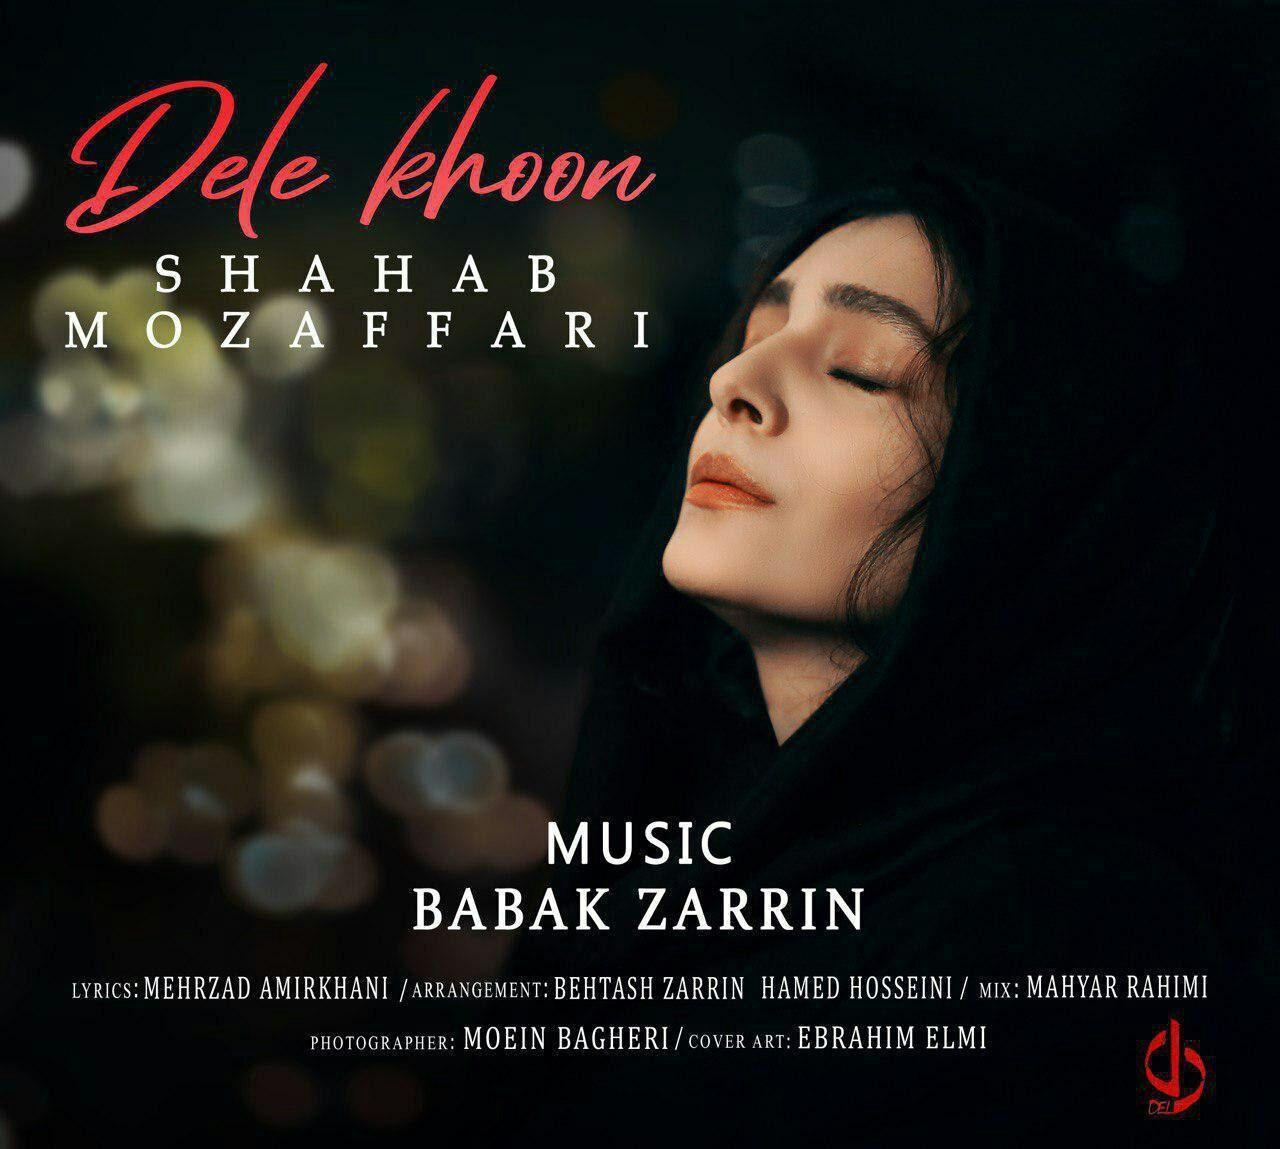 Shahab Mozaffari - Dele Khoon - دانلود آهنگ شهاب مظفری به نام دل خون